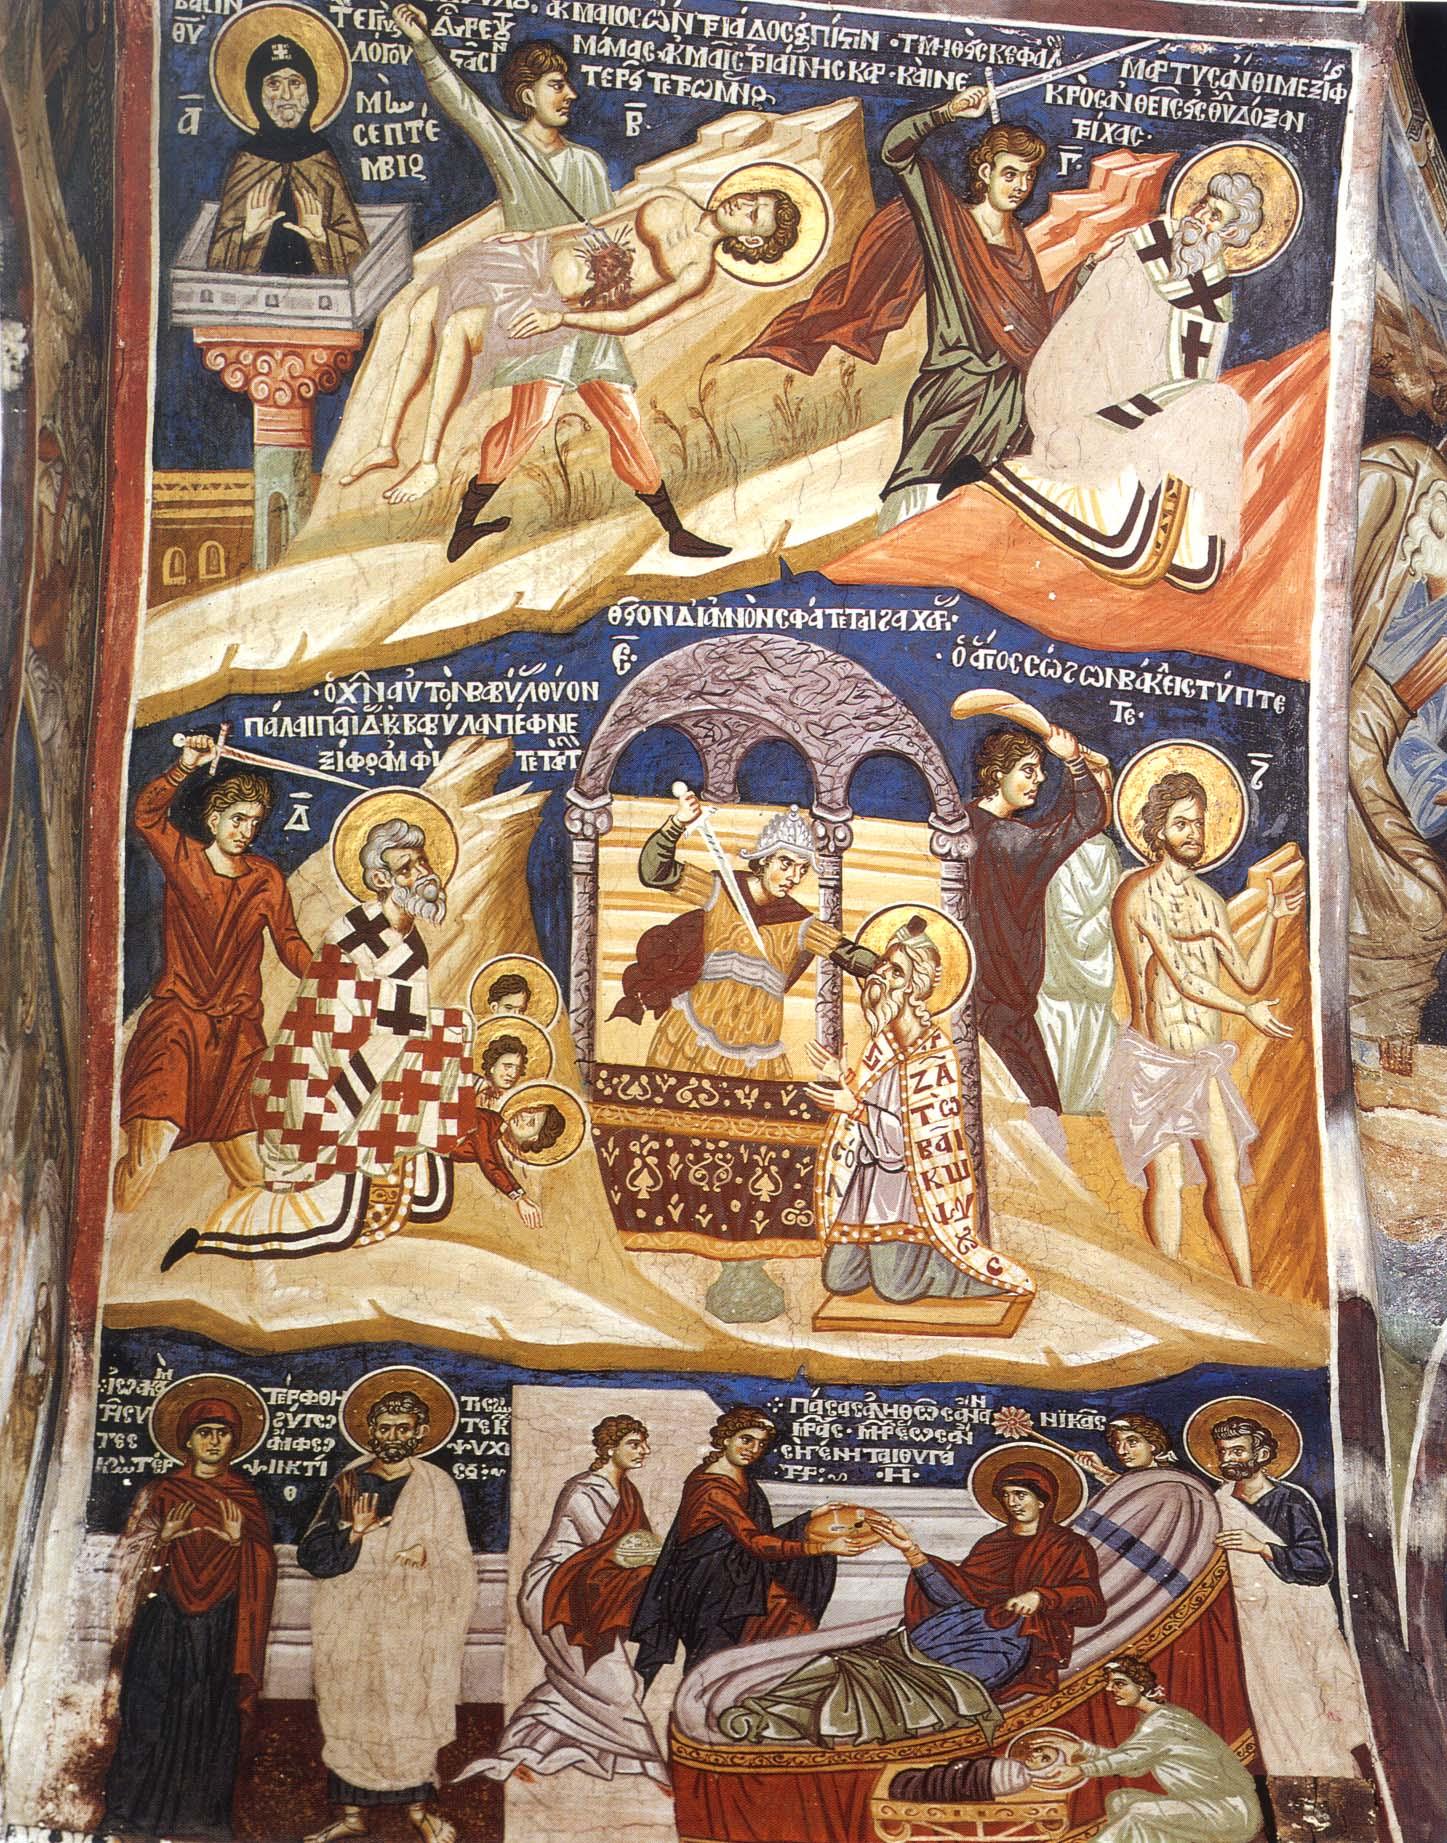 Λεπτομέρεια από το μηνολόγιο που καλύπτει τους τοίχους του παρεκκλησίου του αγίου Δημητρίου στην Ιερά Μεγίστη Μονή Βατοπαιδίου.